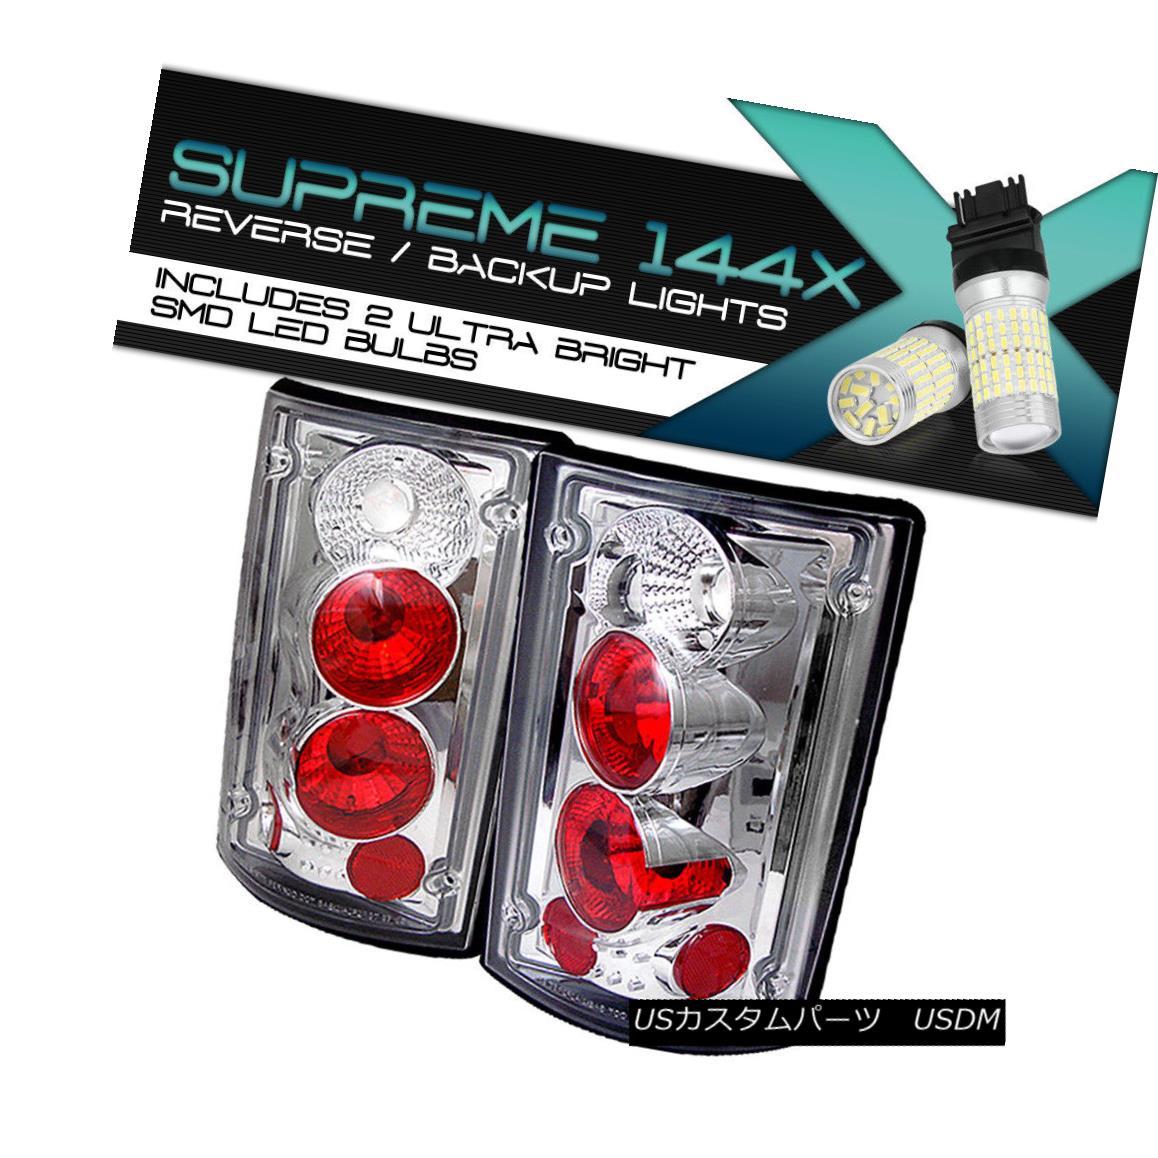 テールライト !360 DEGREE SMD BACKUP! 00-06 Ford Excursion 95-06 Econoline Tail Light L+R Pair 360°SMDバックアップ! 00-06フォードエクスカーション95-06エコノリンテールライトL + Rペア